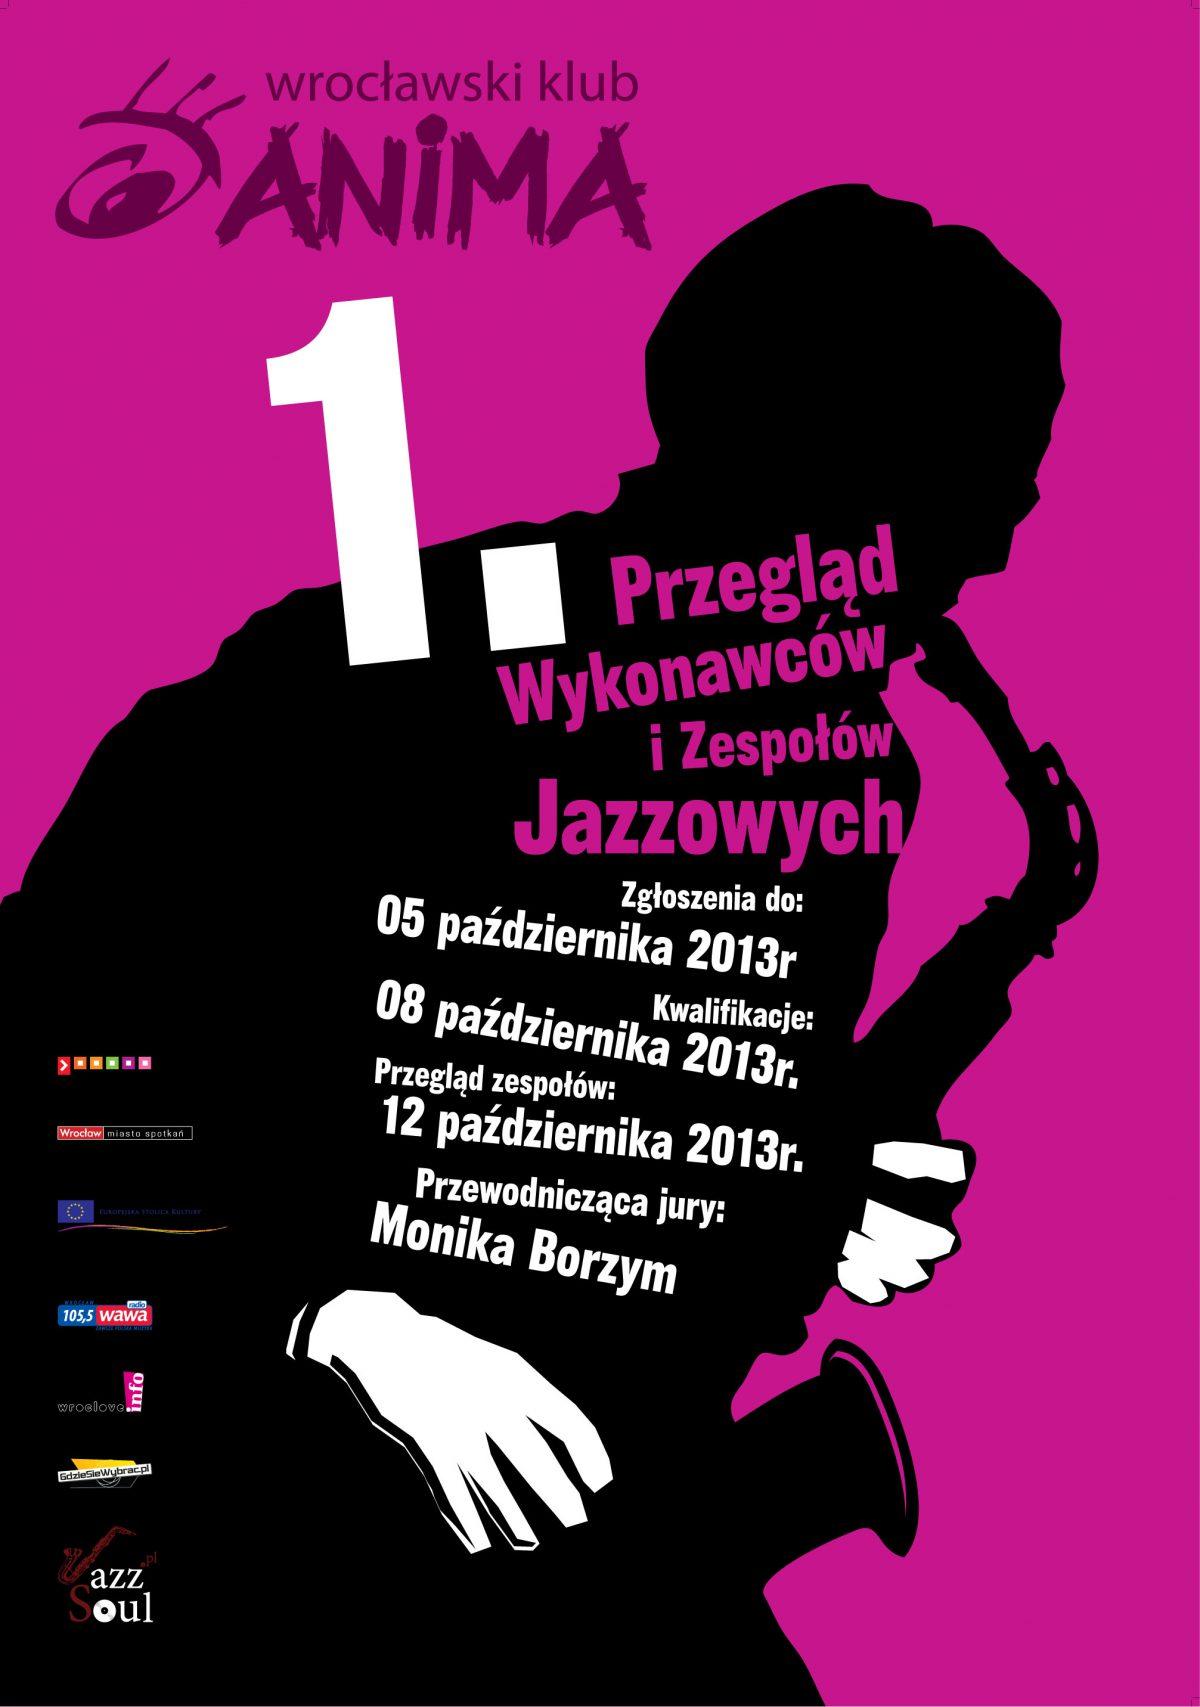 I Przegląd Zespołów Jazzowych